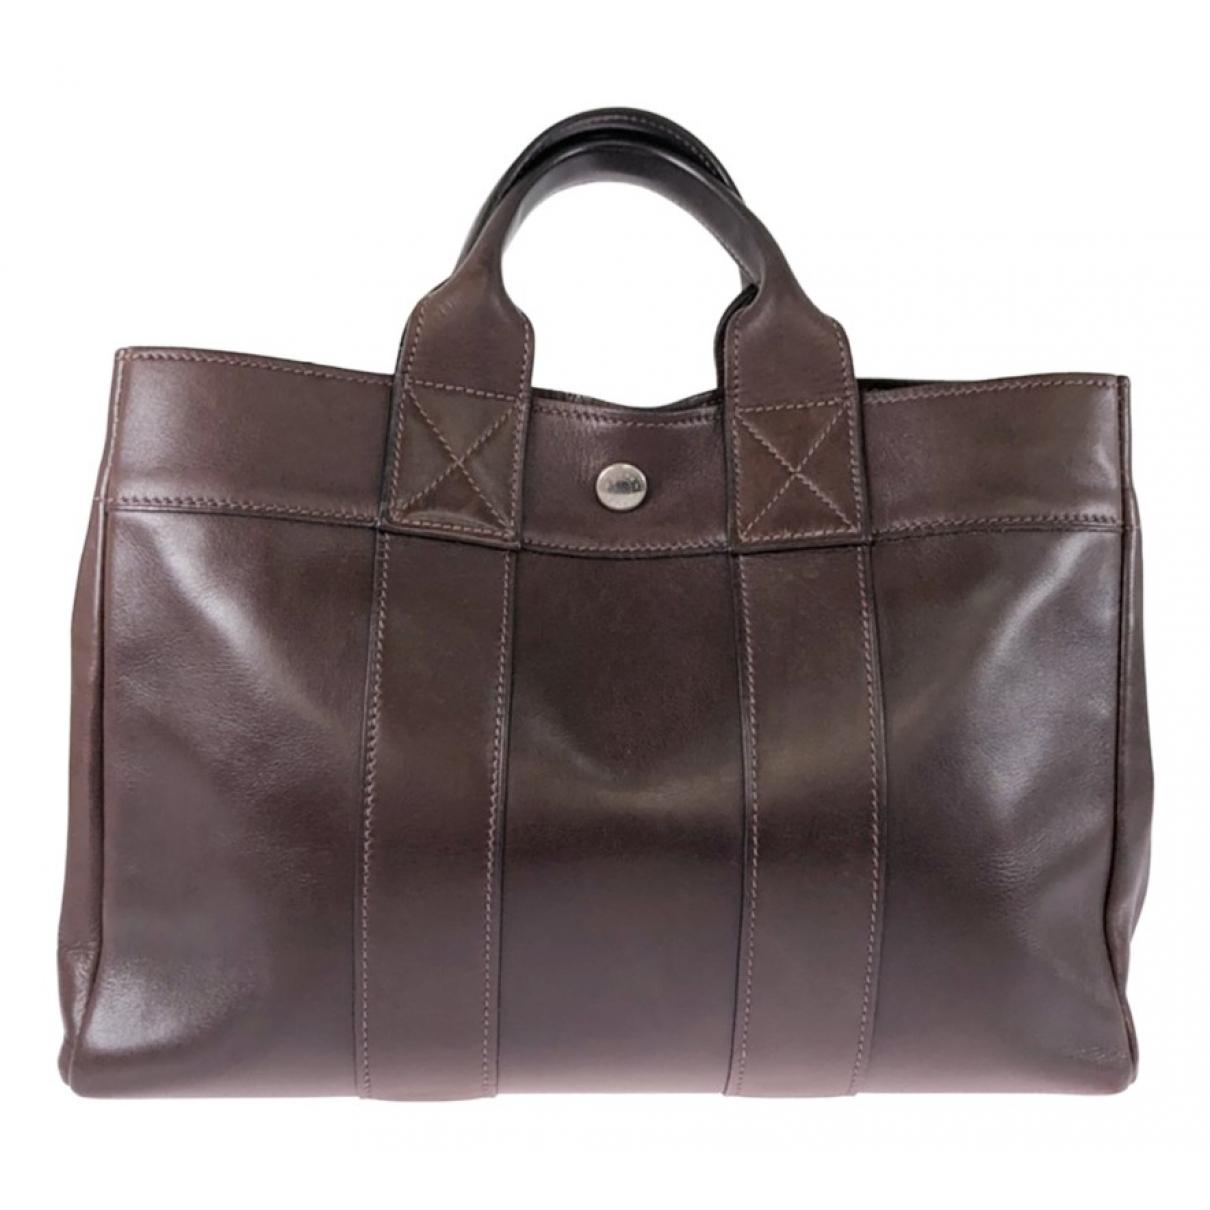 Hermes Herline Handtasche in  Braun Leder